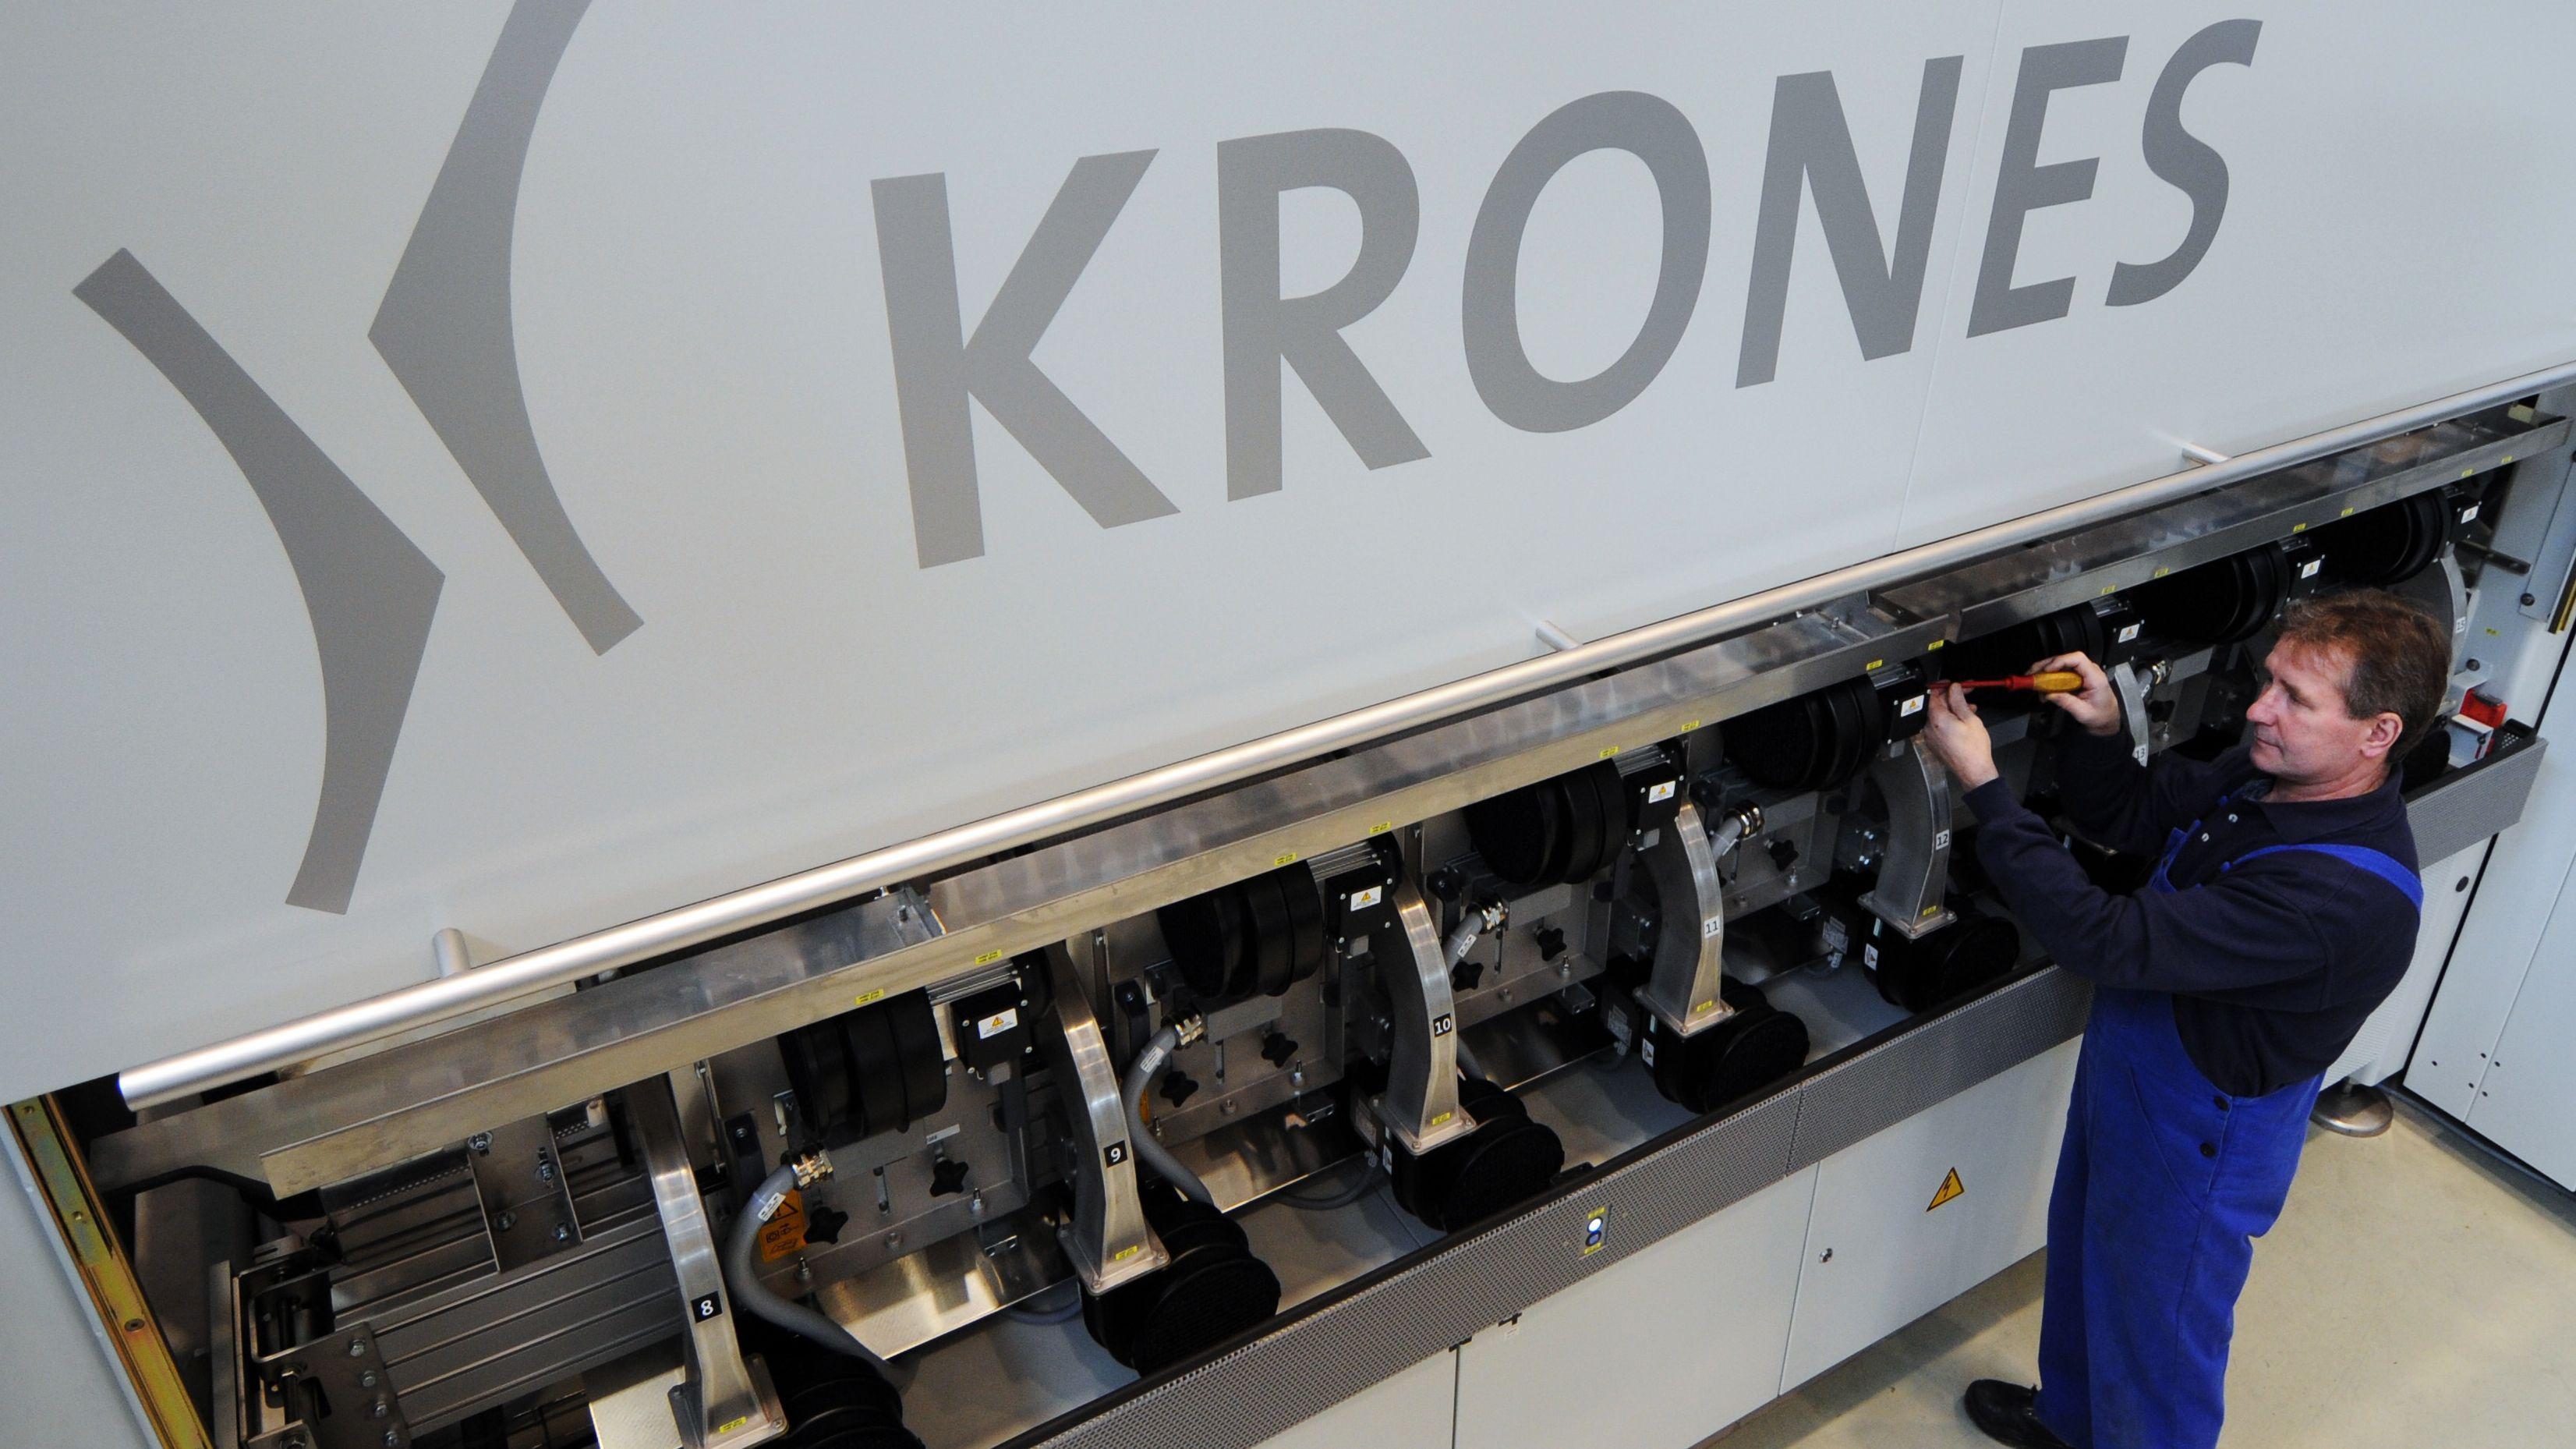 Die Krones AG aus Neutraubling, der weltgrößte Hersteller von Getränke-Abfüllanlagen, streicht seine Gewinnprognose um die Hälfte zusammen.